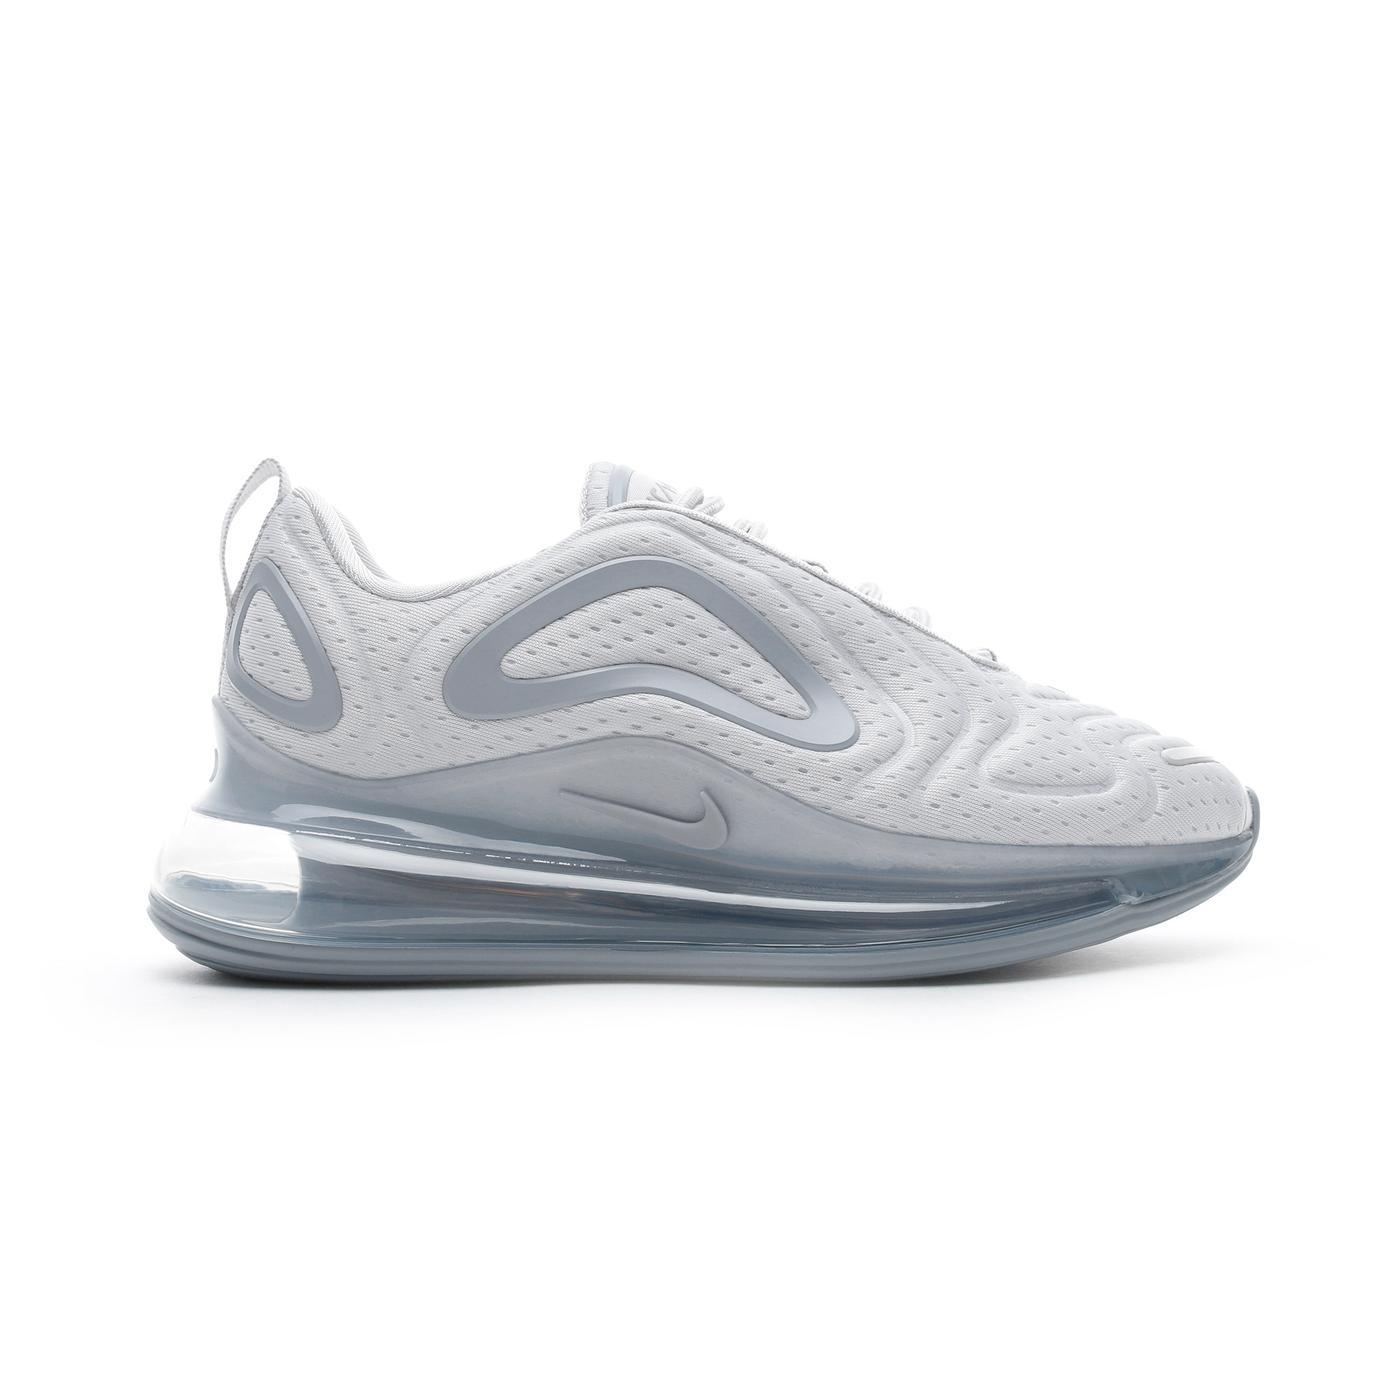 Nike Air Max 720 Gri Kadın Spor Ayakkabı